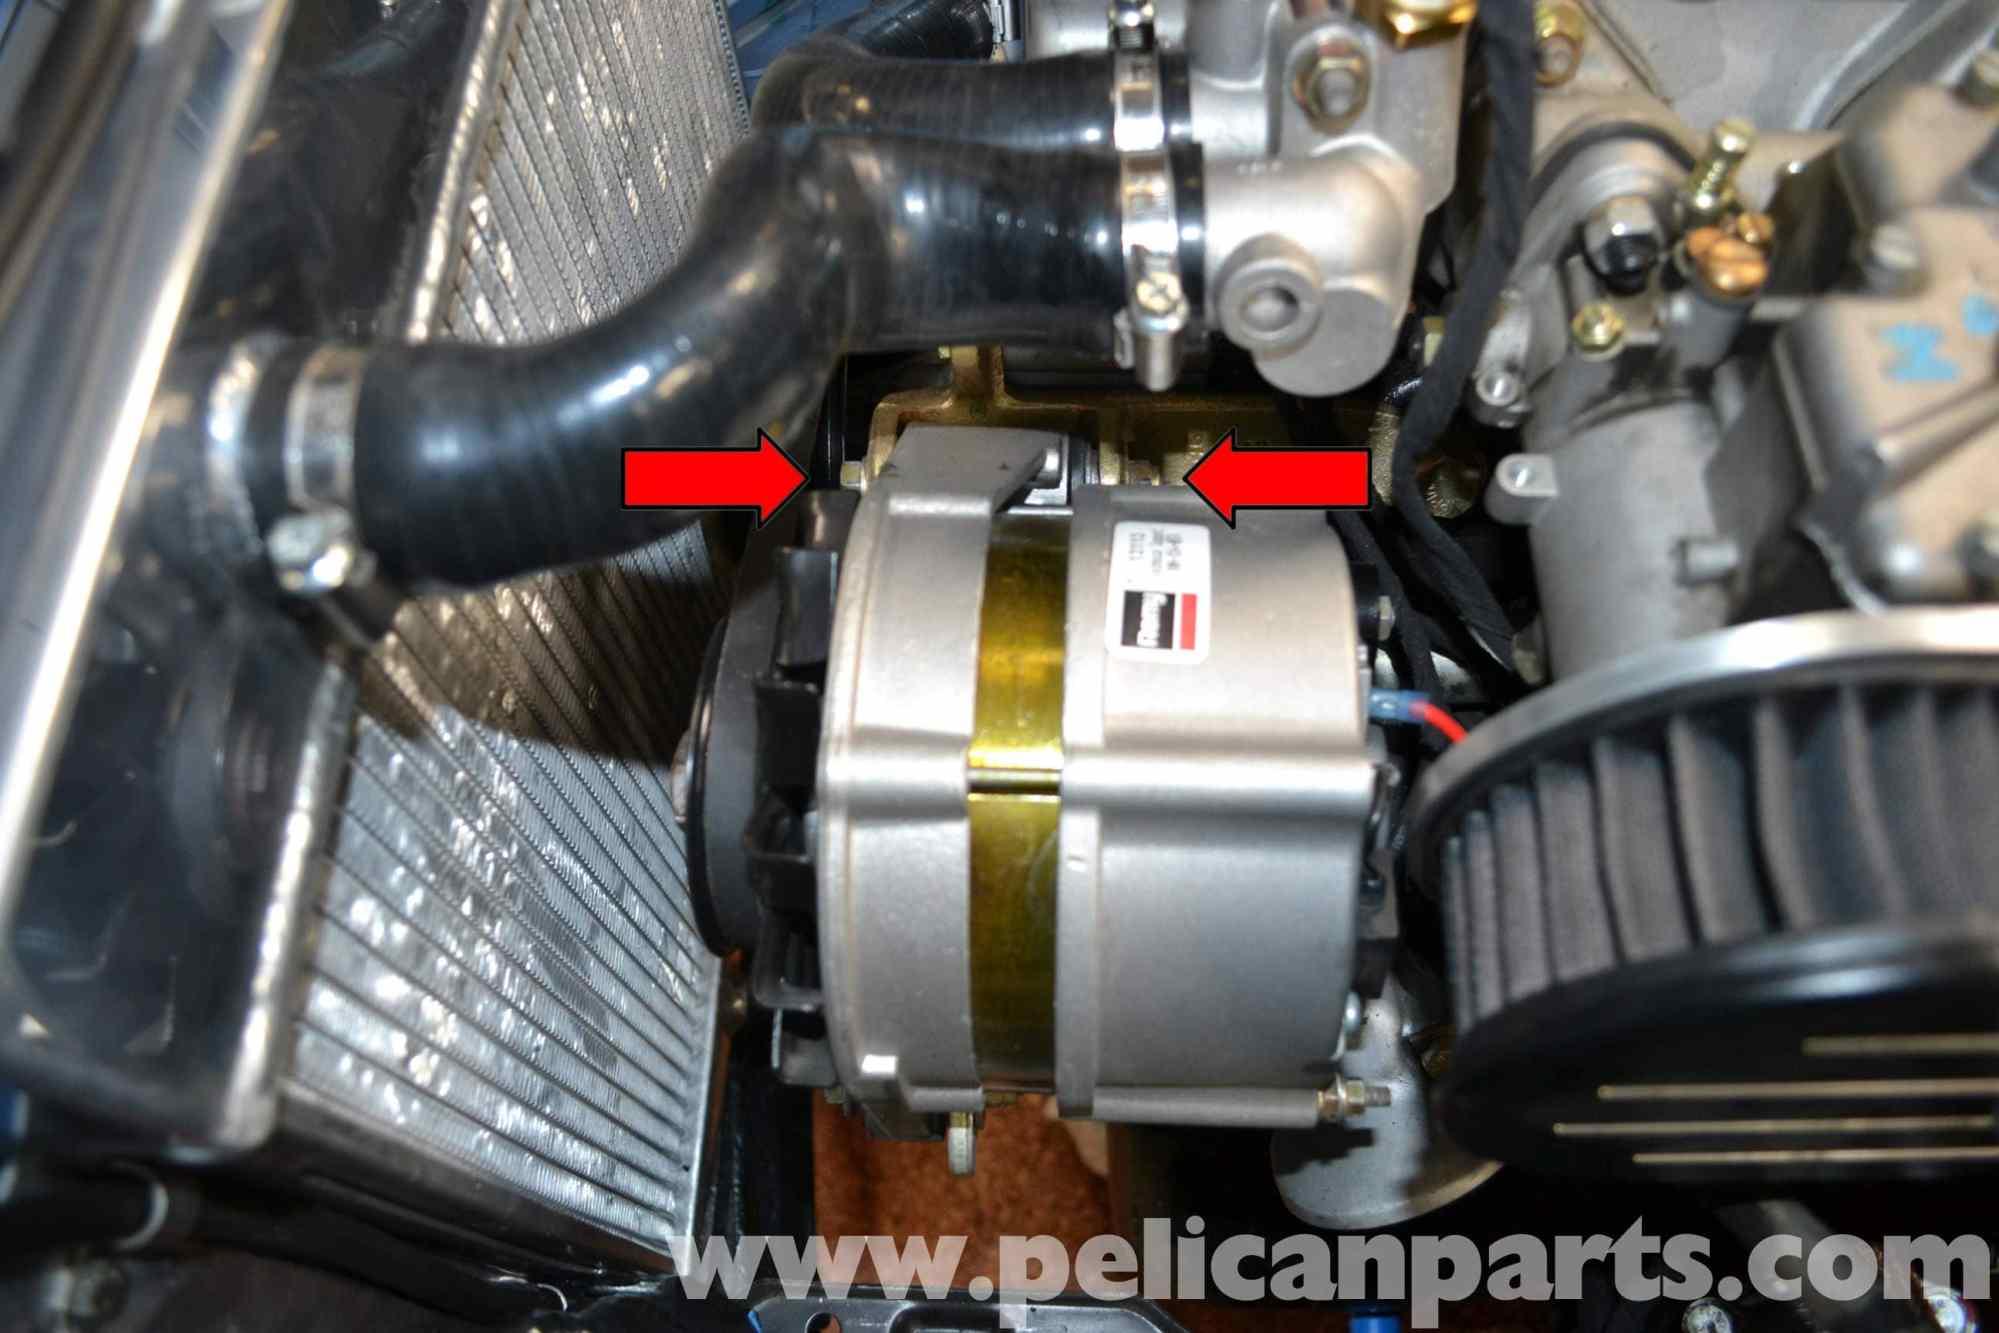 hight resolution of bmw 2002 alternator wiring wiring diagram schematics westerbeke alternator wiring bmw 2002 alternator replacement 1966